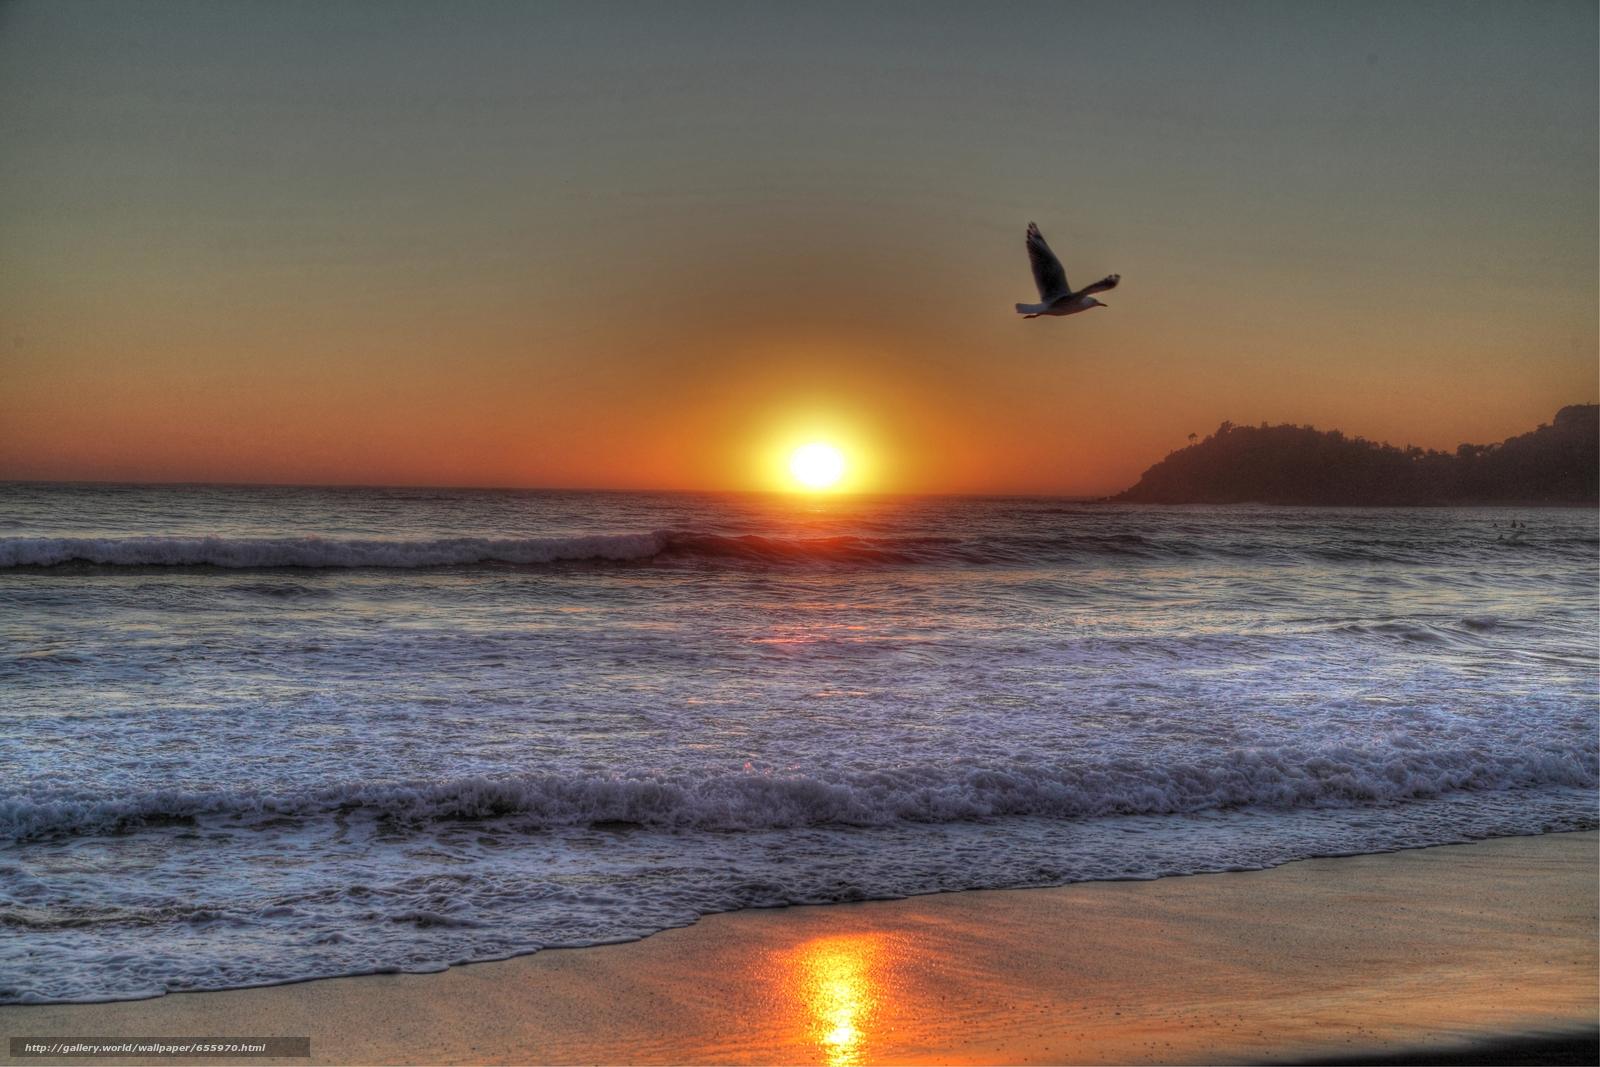 下载壁纸 日落,  海,  波浪,  景观 免费为您的桌面分辨率的壁纸 5250x3500 — 图片 №655970